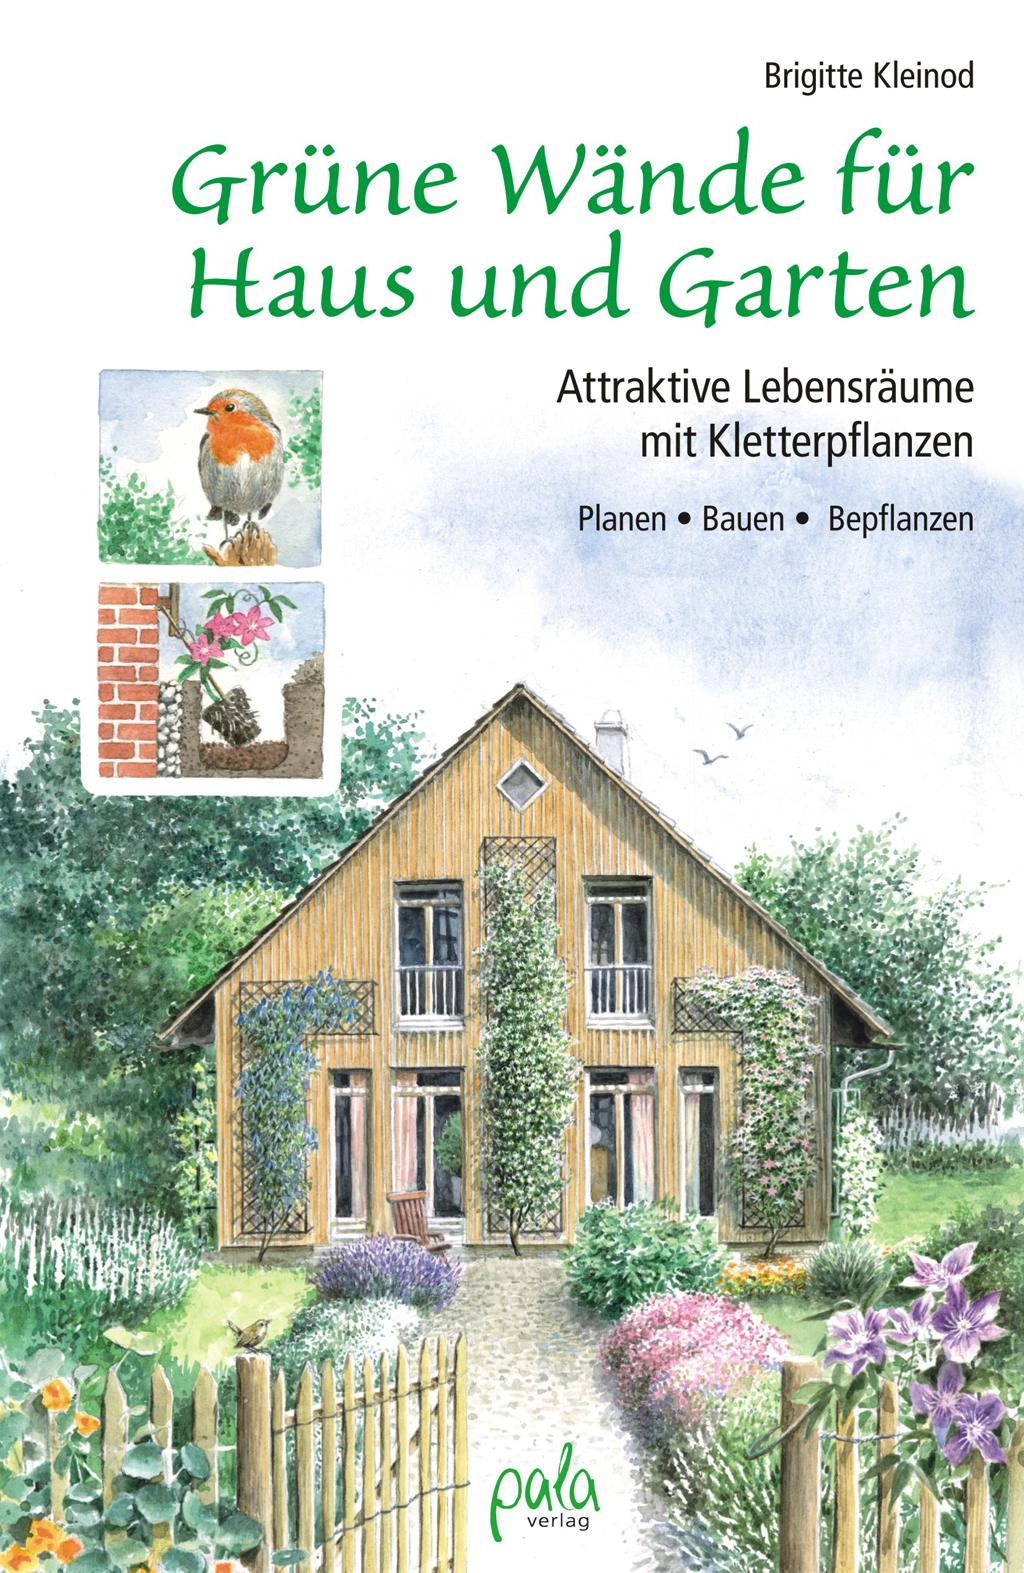 9783895663390 Grüne Wände für Haus und Garten